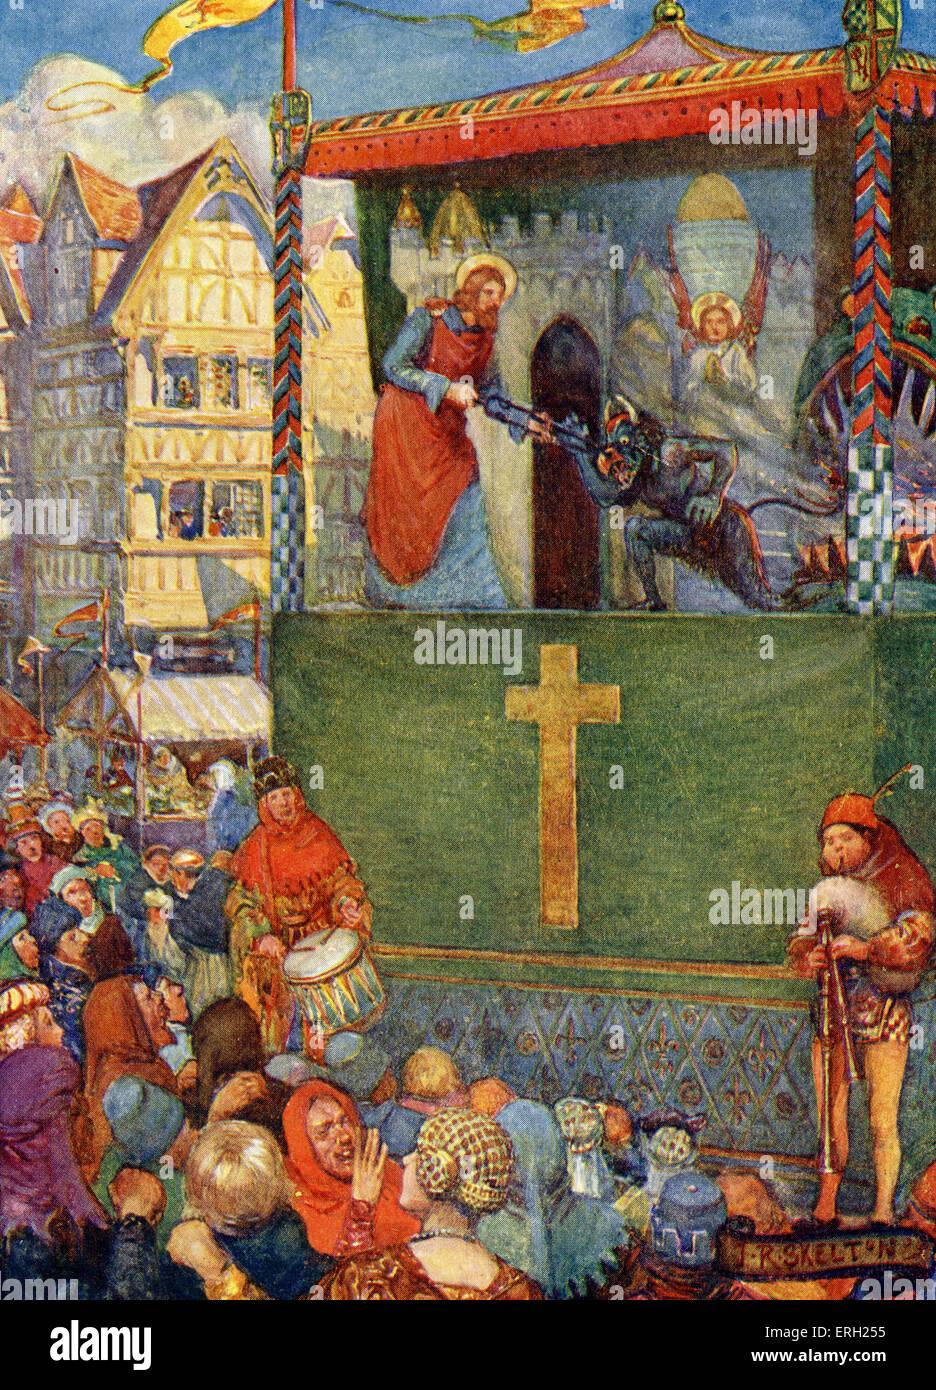 """Guild giocare essendo eseguita nel medioevo, circa trecento. La didascalia recita: """"i demoni erano generalmente Immagini Stock"""